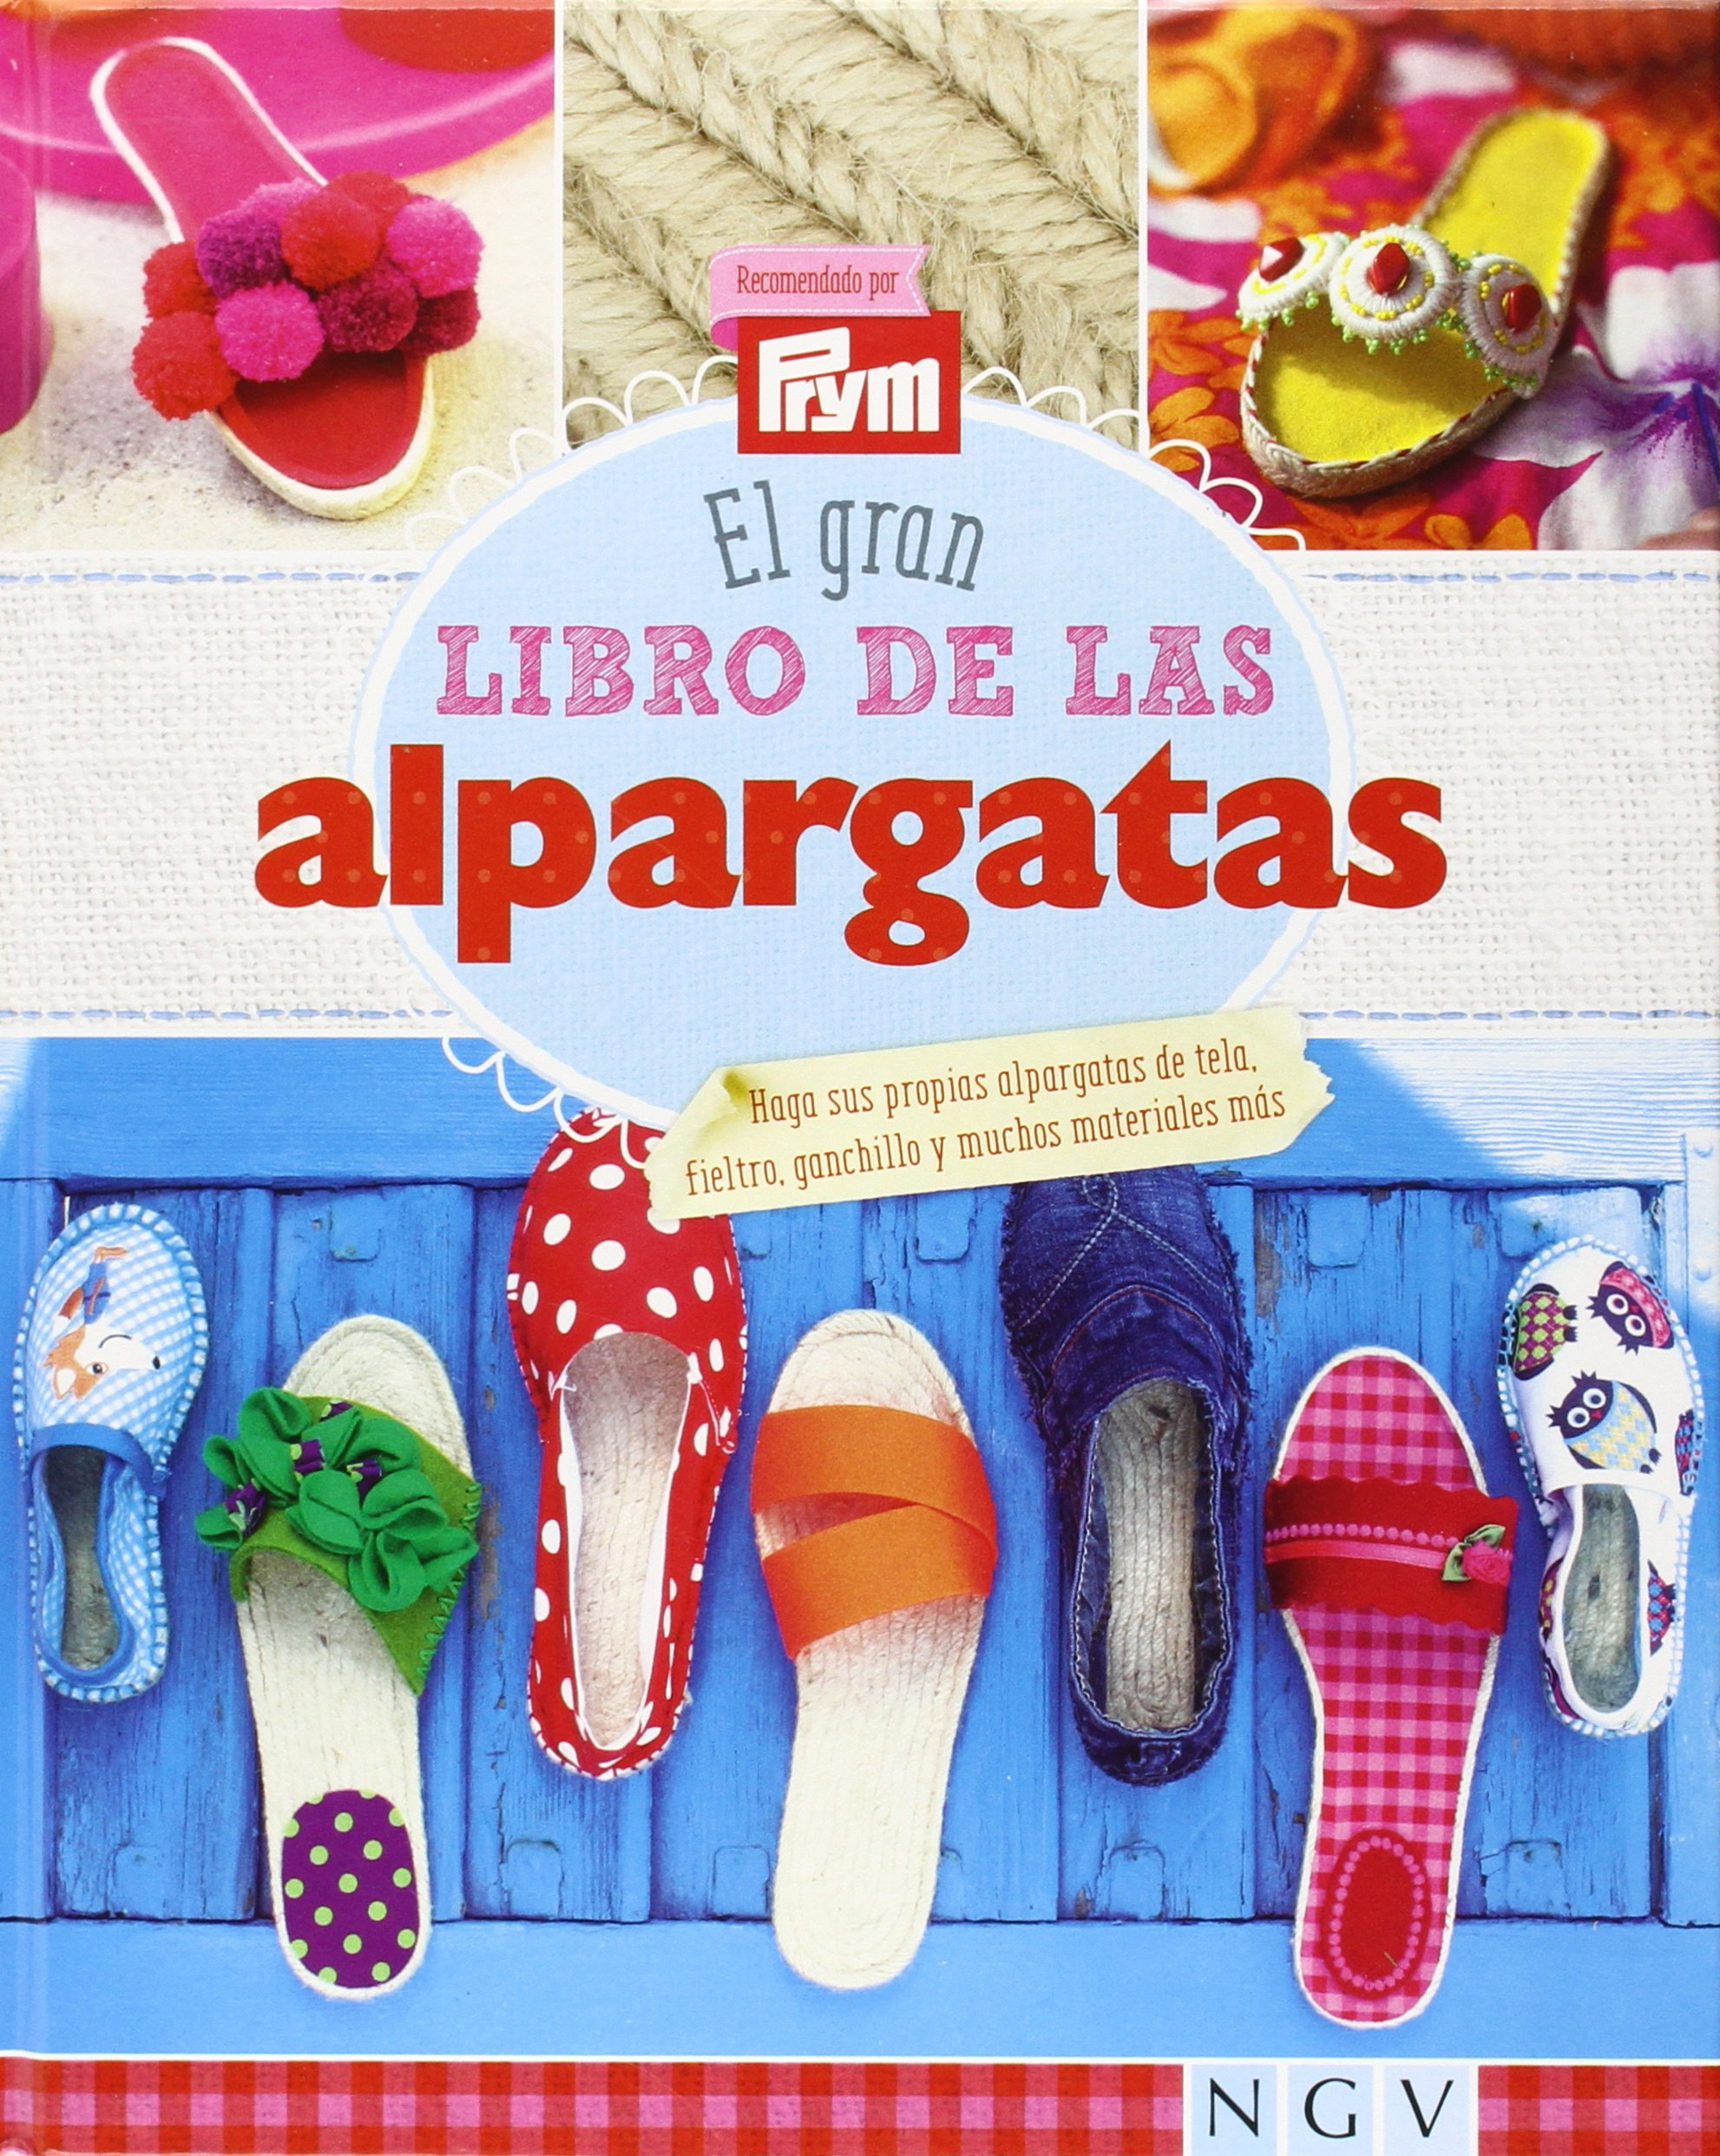 GRAN LIBRO DE LAS ALPARGATAS,EL (Spanish) Hardcover – January 1, 1900